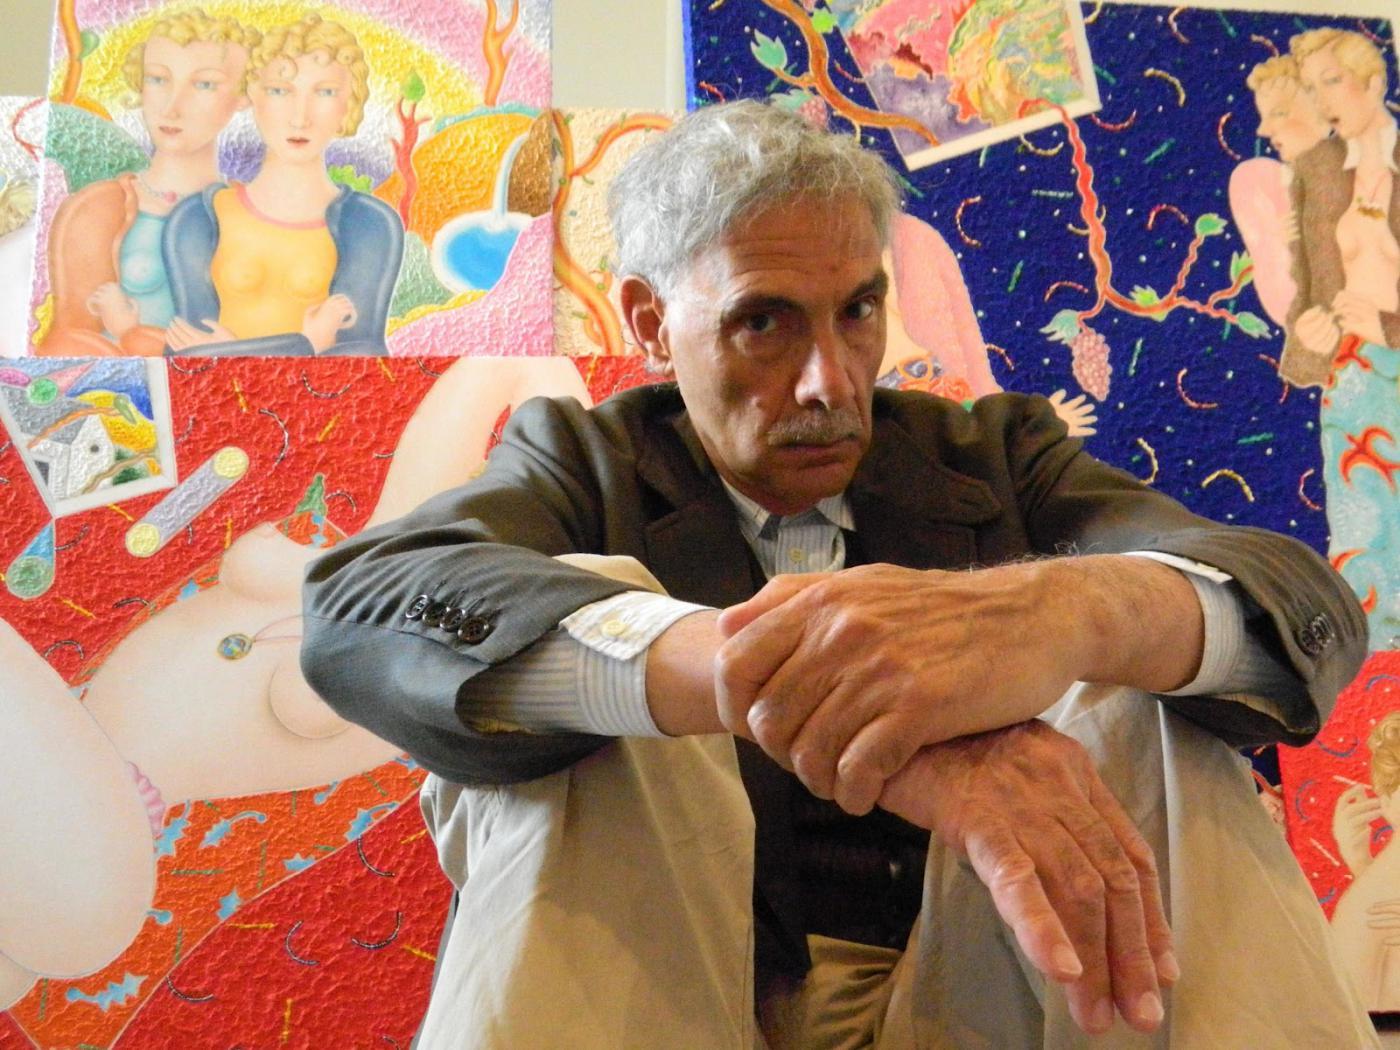 La contrada di Valdimontone piange il pittore Luca Alinari: realizzò il Cencio vittorioso del 16 agosto 1990